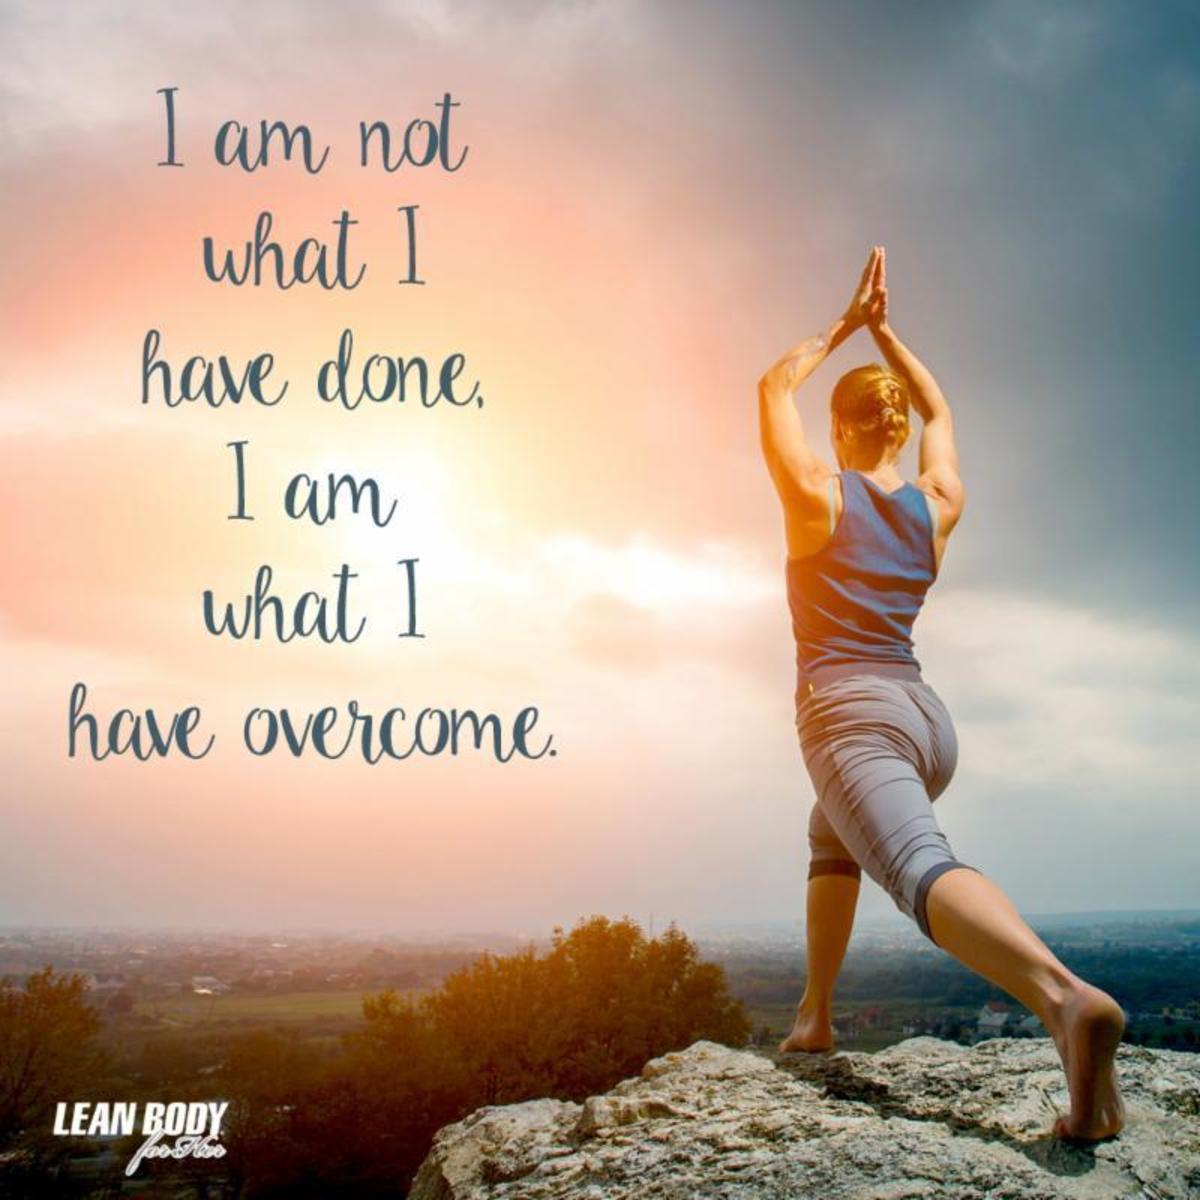 who-am-i-i-am-not-what-i-have-done-i-am-what-i-have-overcome